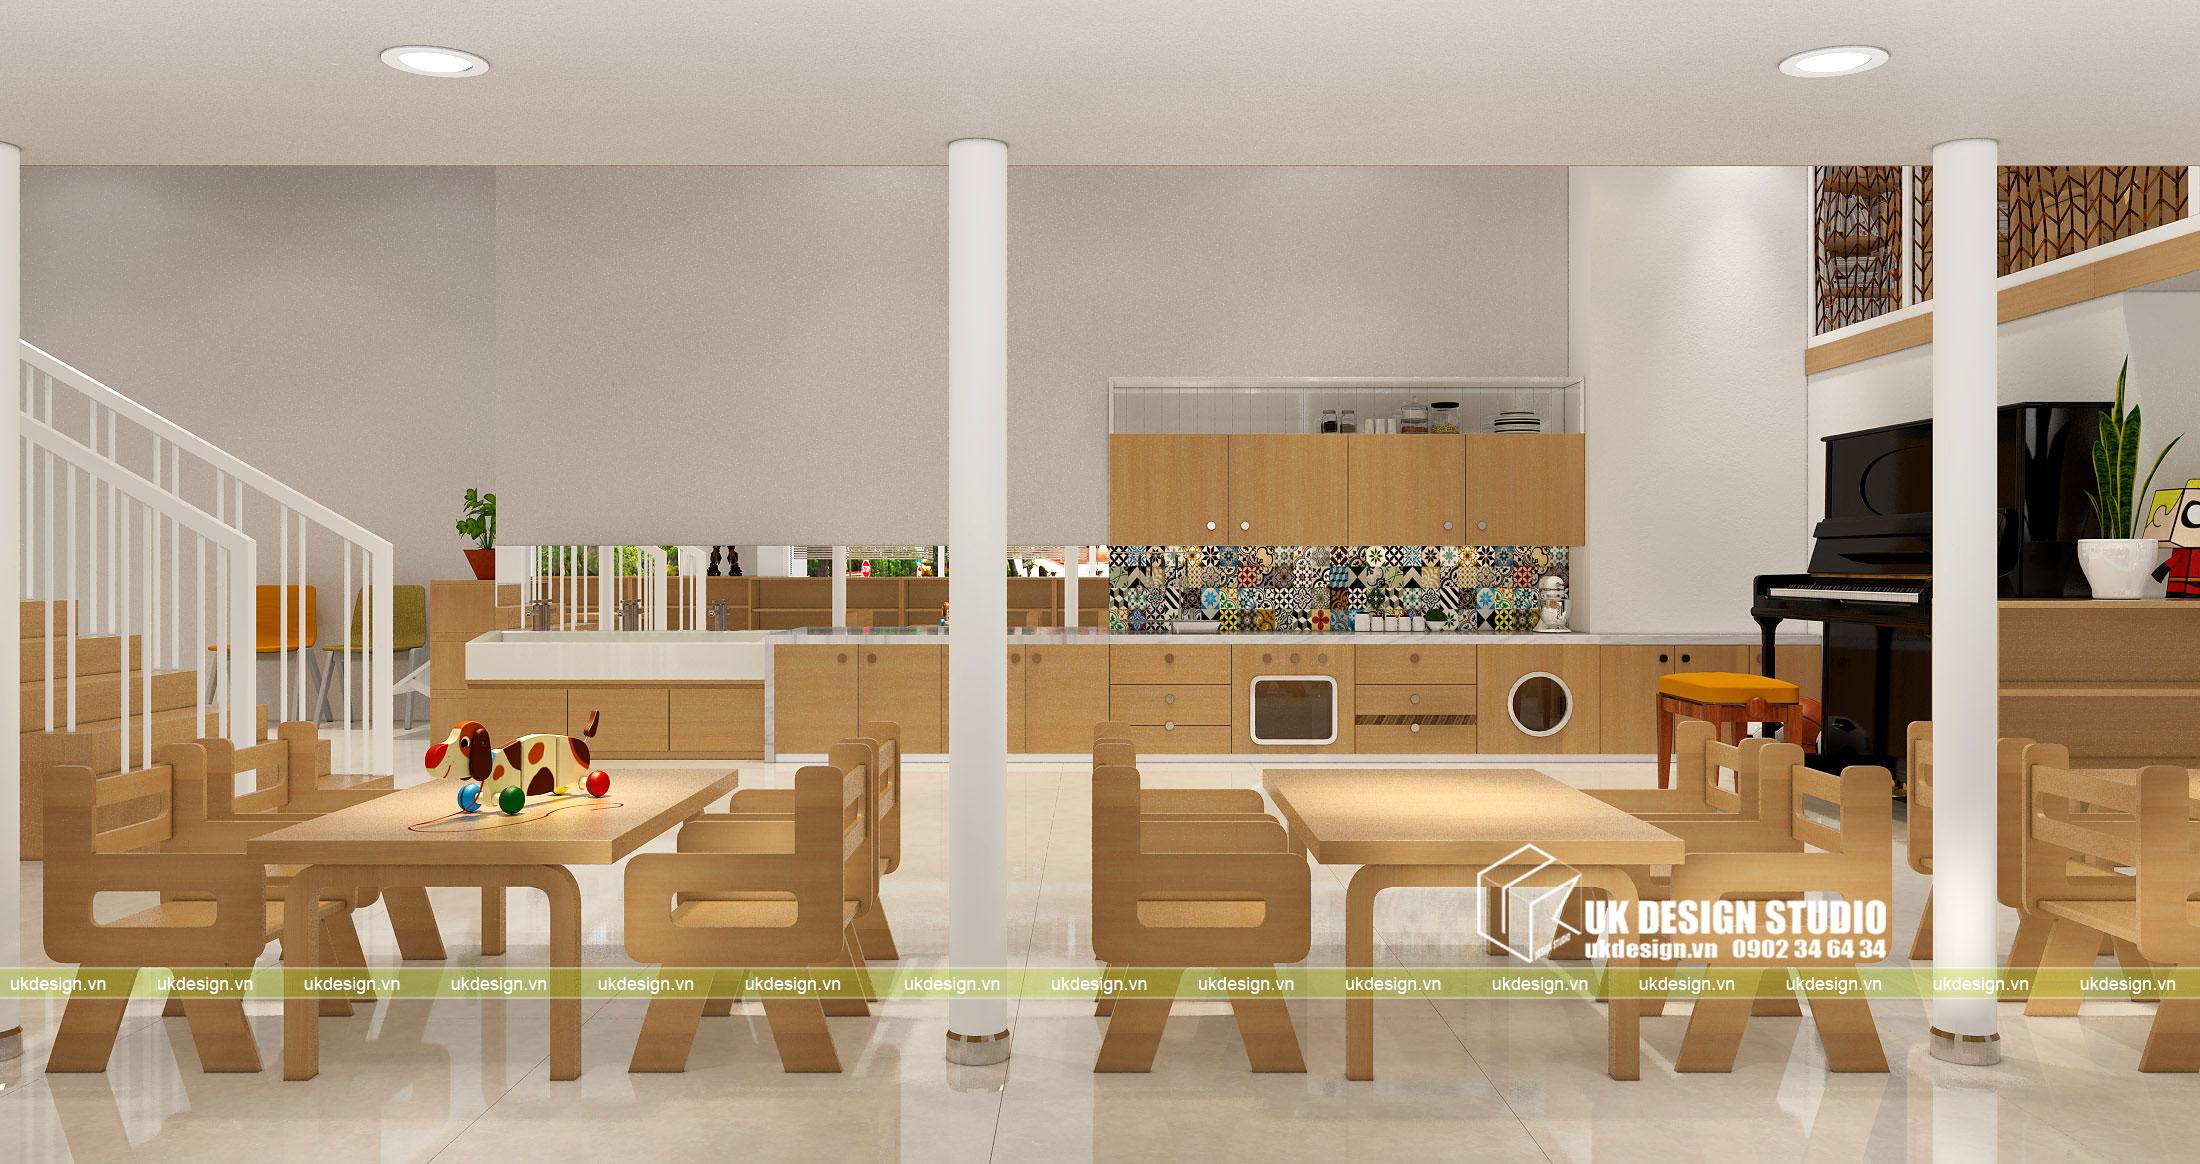 Thiết kế nội thất nhà trẻ 5